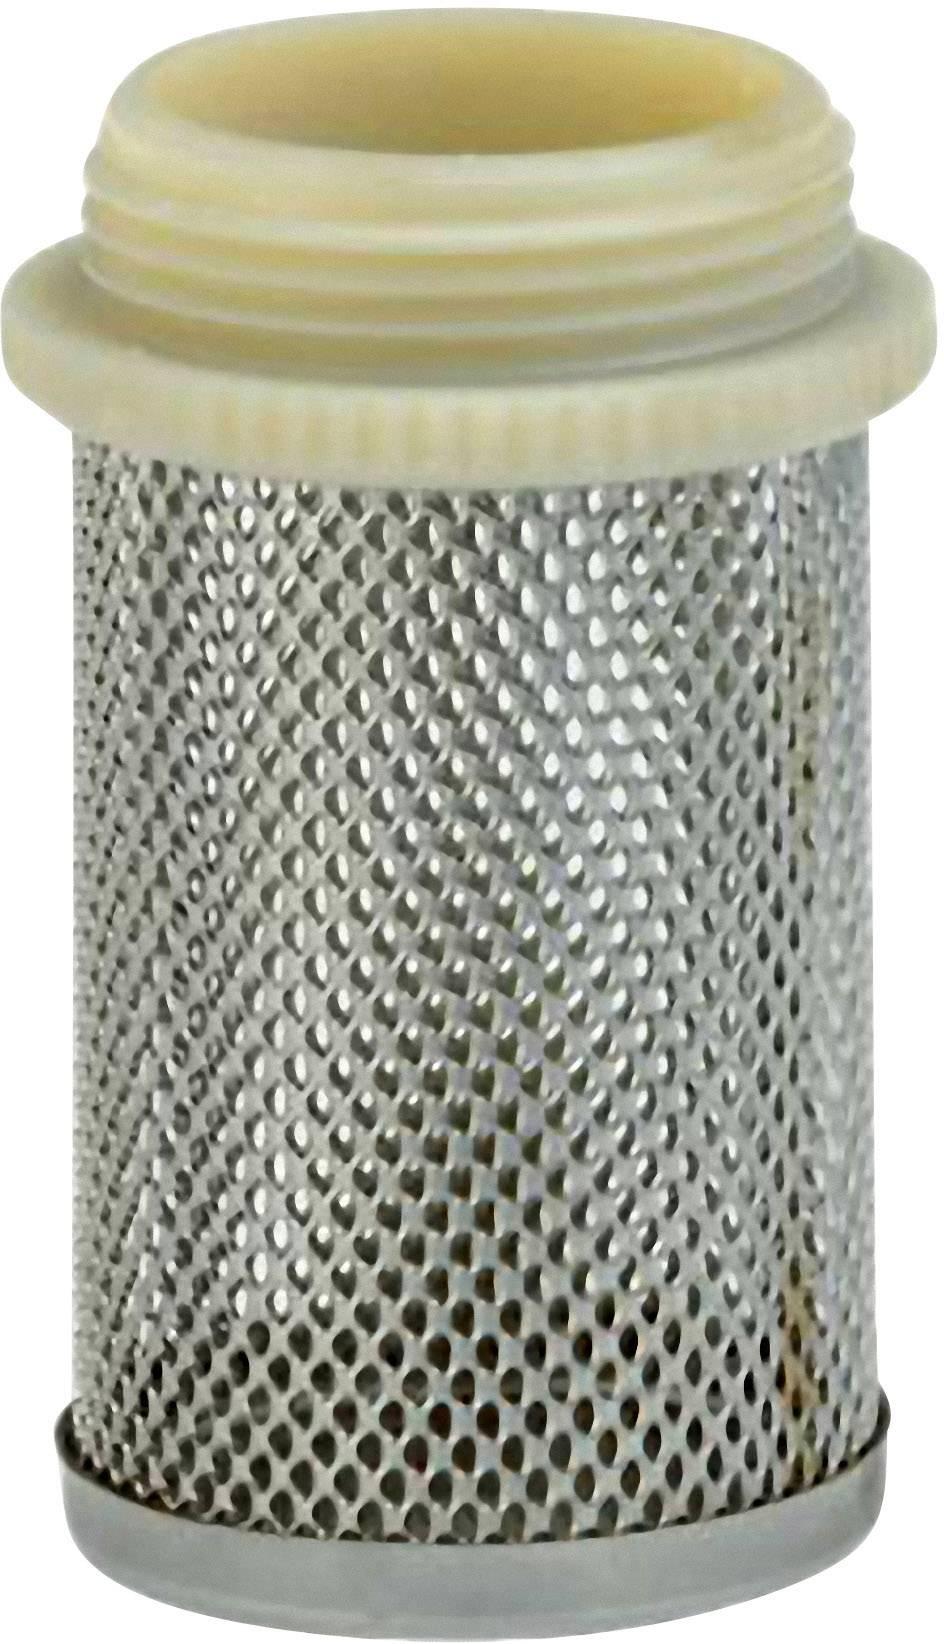 Sací koš Gardena, závit 42 mm (G 1 1/4)